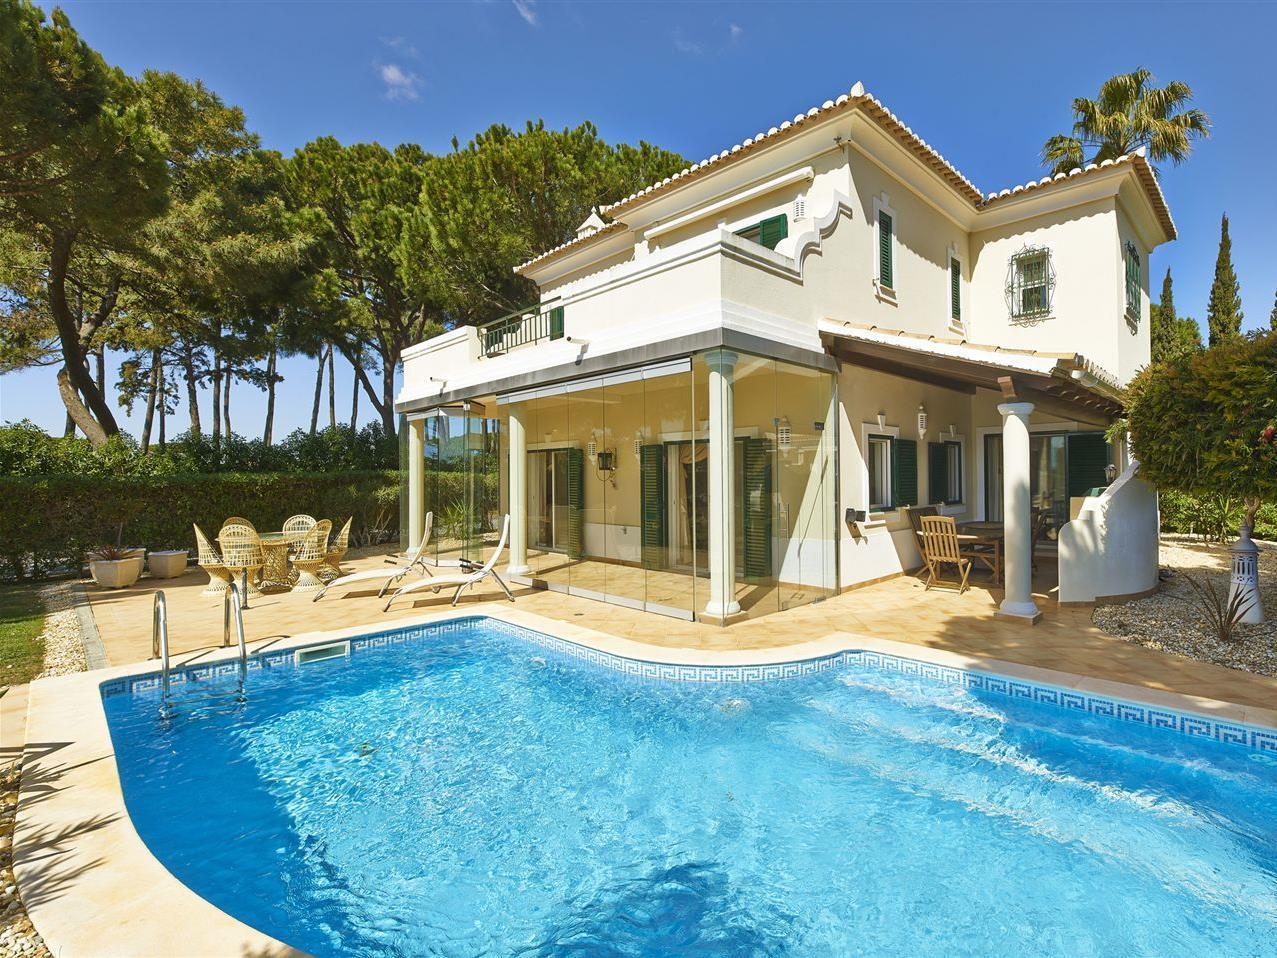 Nhà ở một gia đình vì Bán tại Detached house, 3 bedrooms, for Sale Loule, Algarve Bồ Đào Nha